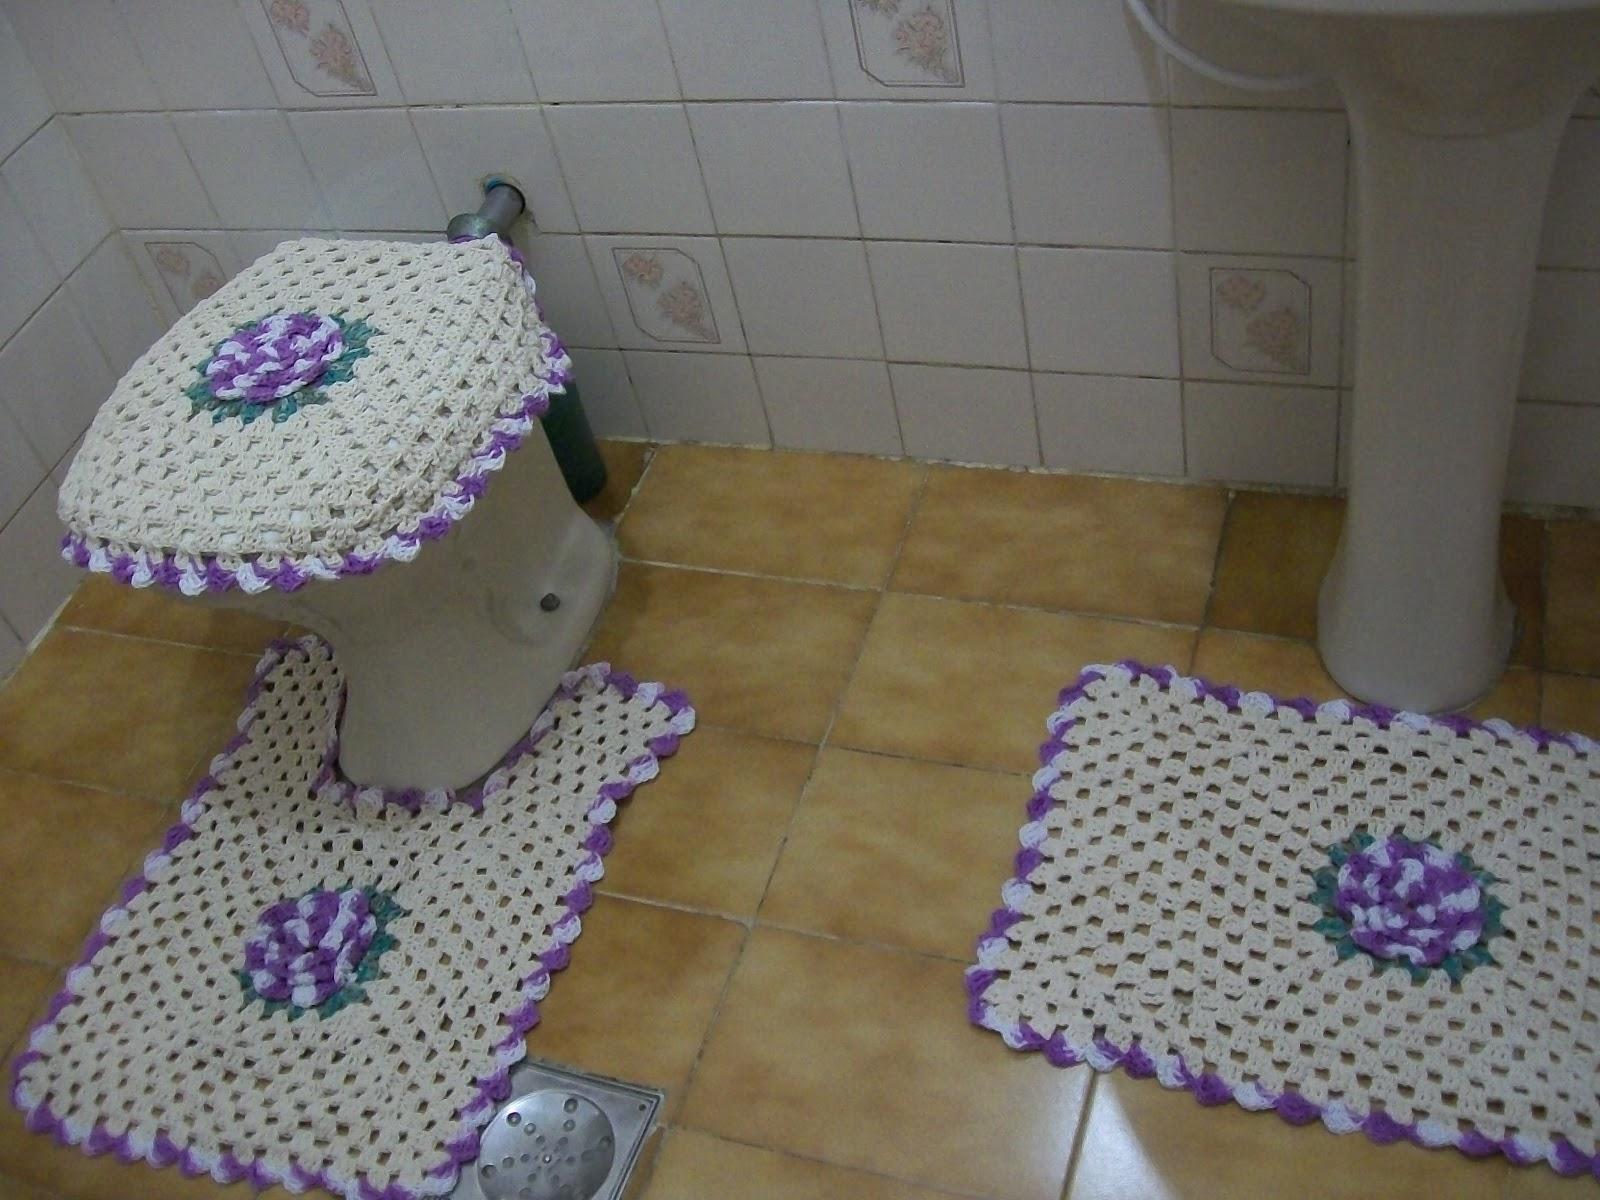 Jogo De Banheiro De Croche Em Barbante Consejos De Fotografía #4A3765 1600x1200 Banheiro Bbb 2014